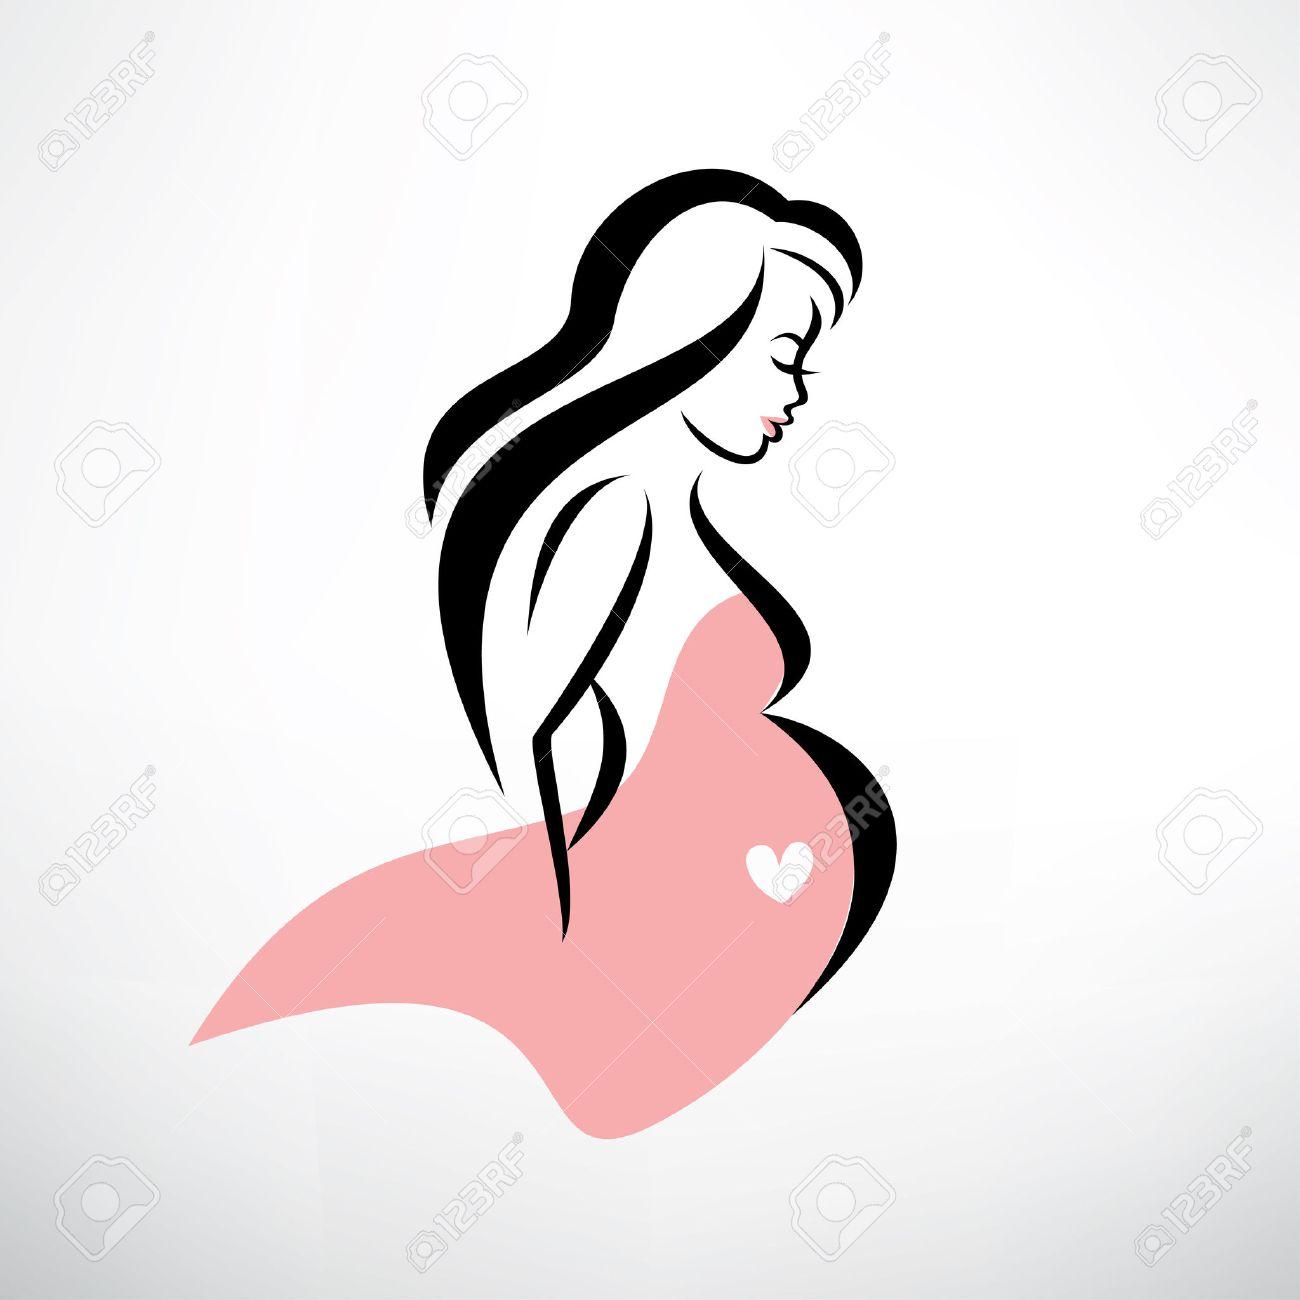 Символ беременной женщины